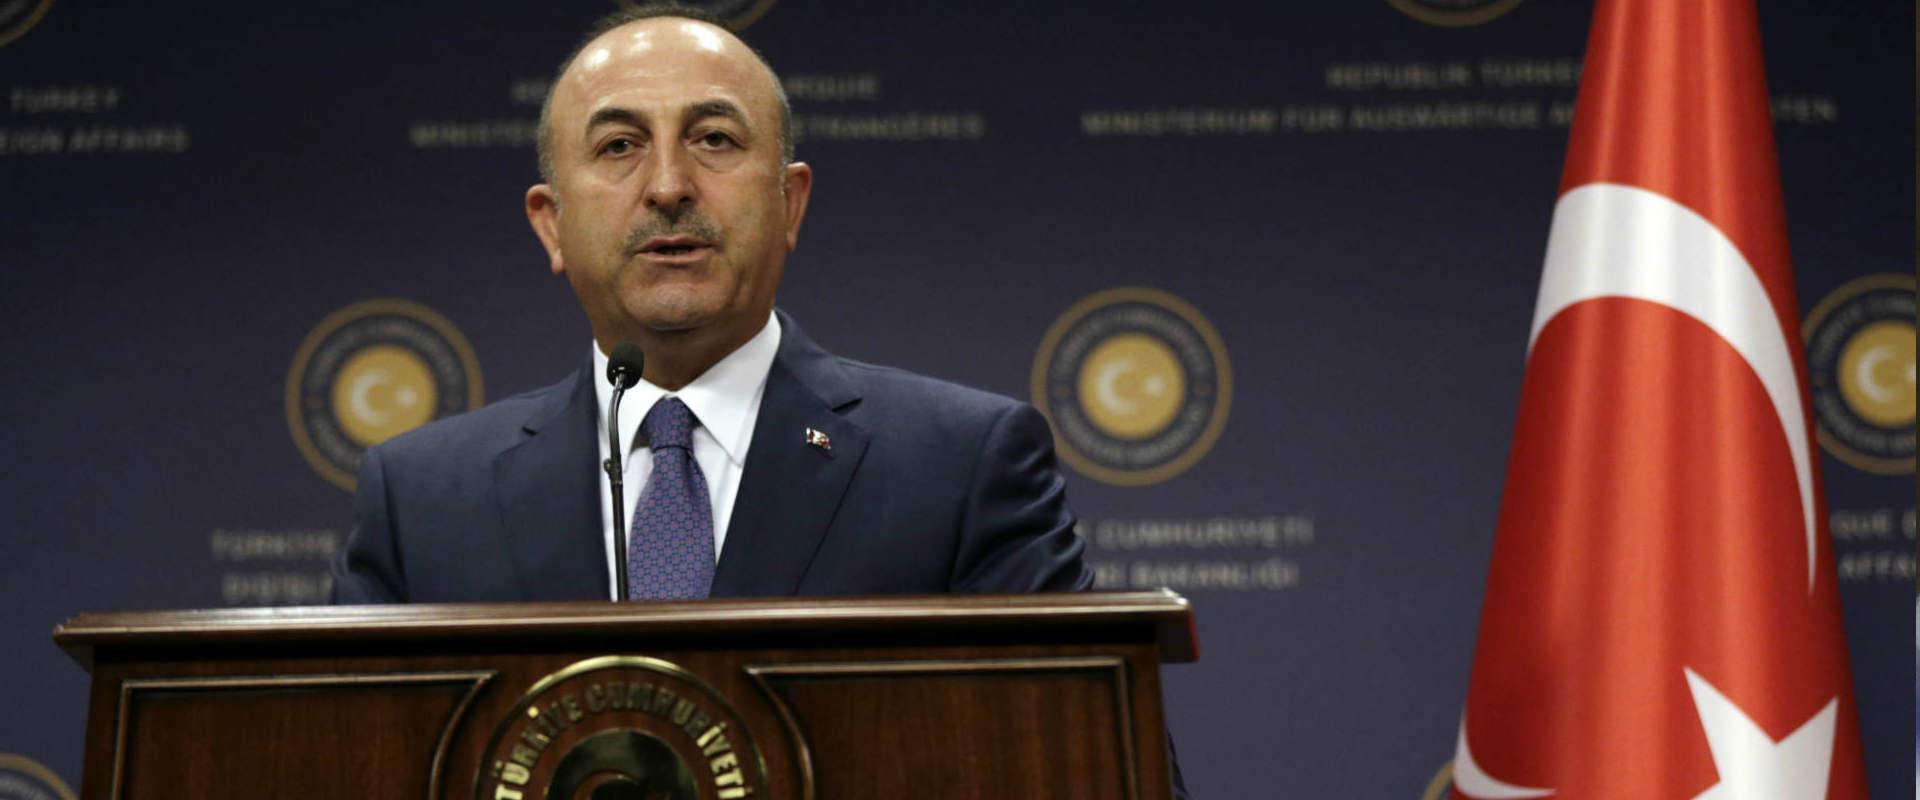 שר החוץ הטורקי מבלוט צ'אבושאולו